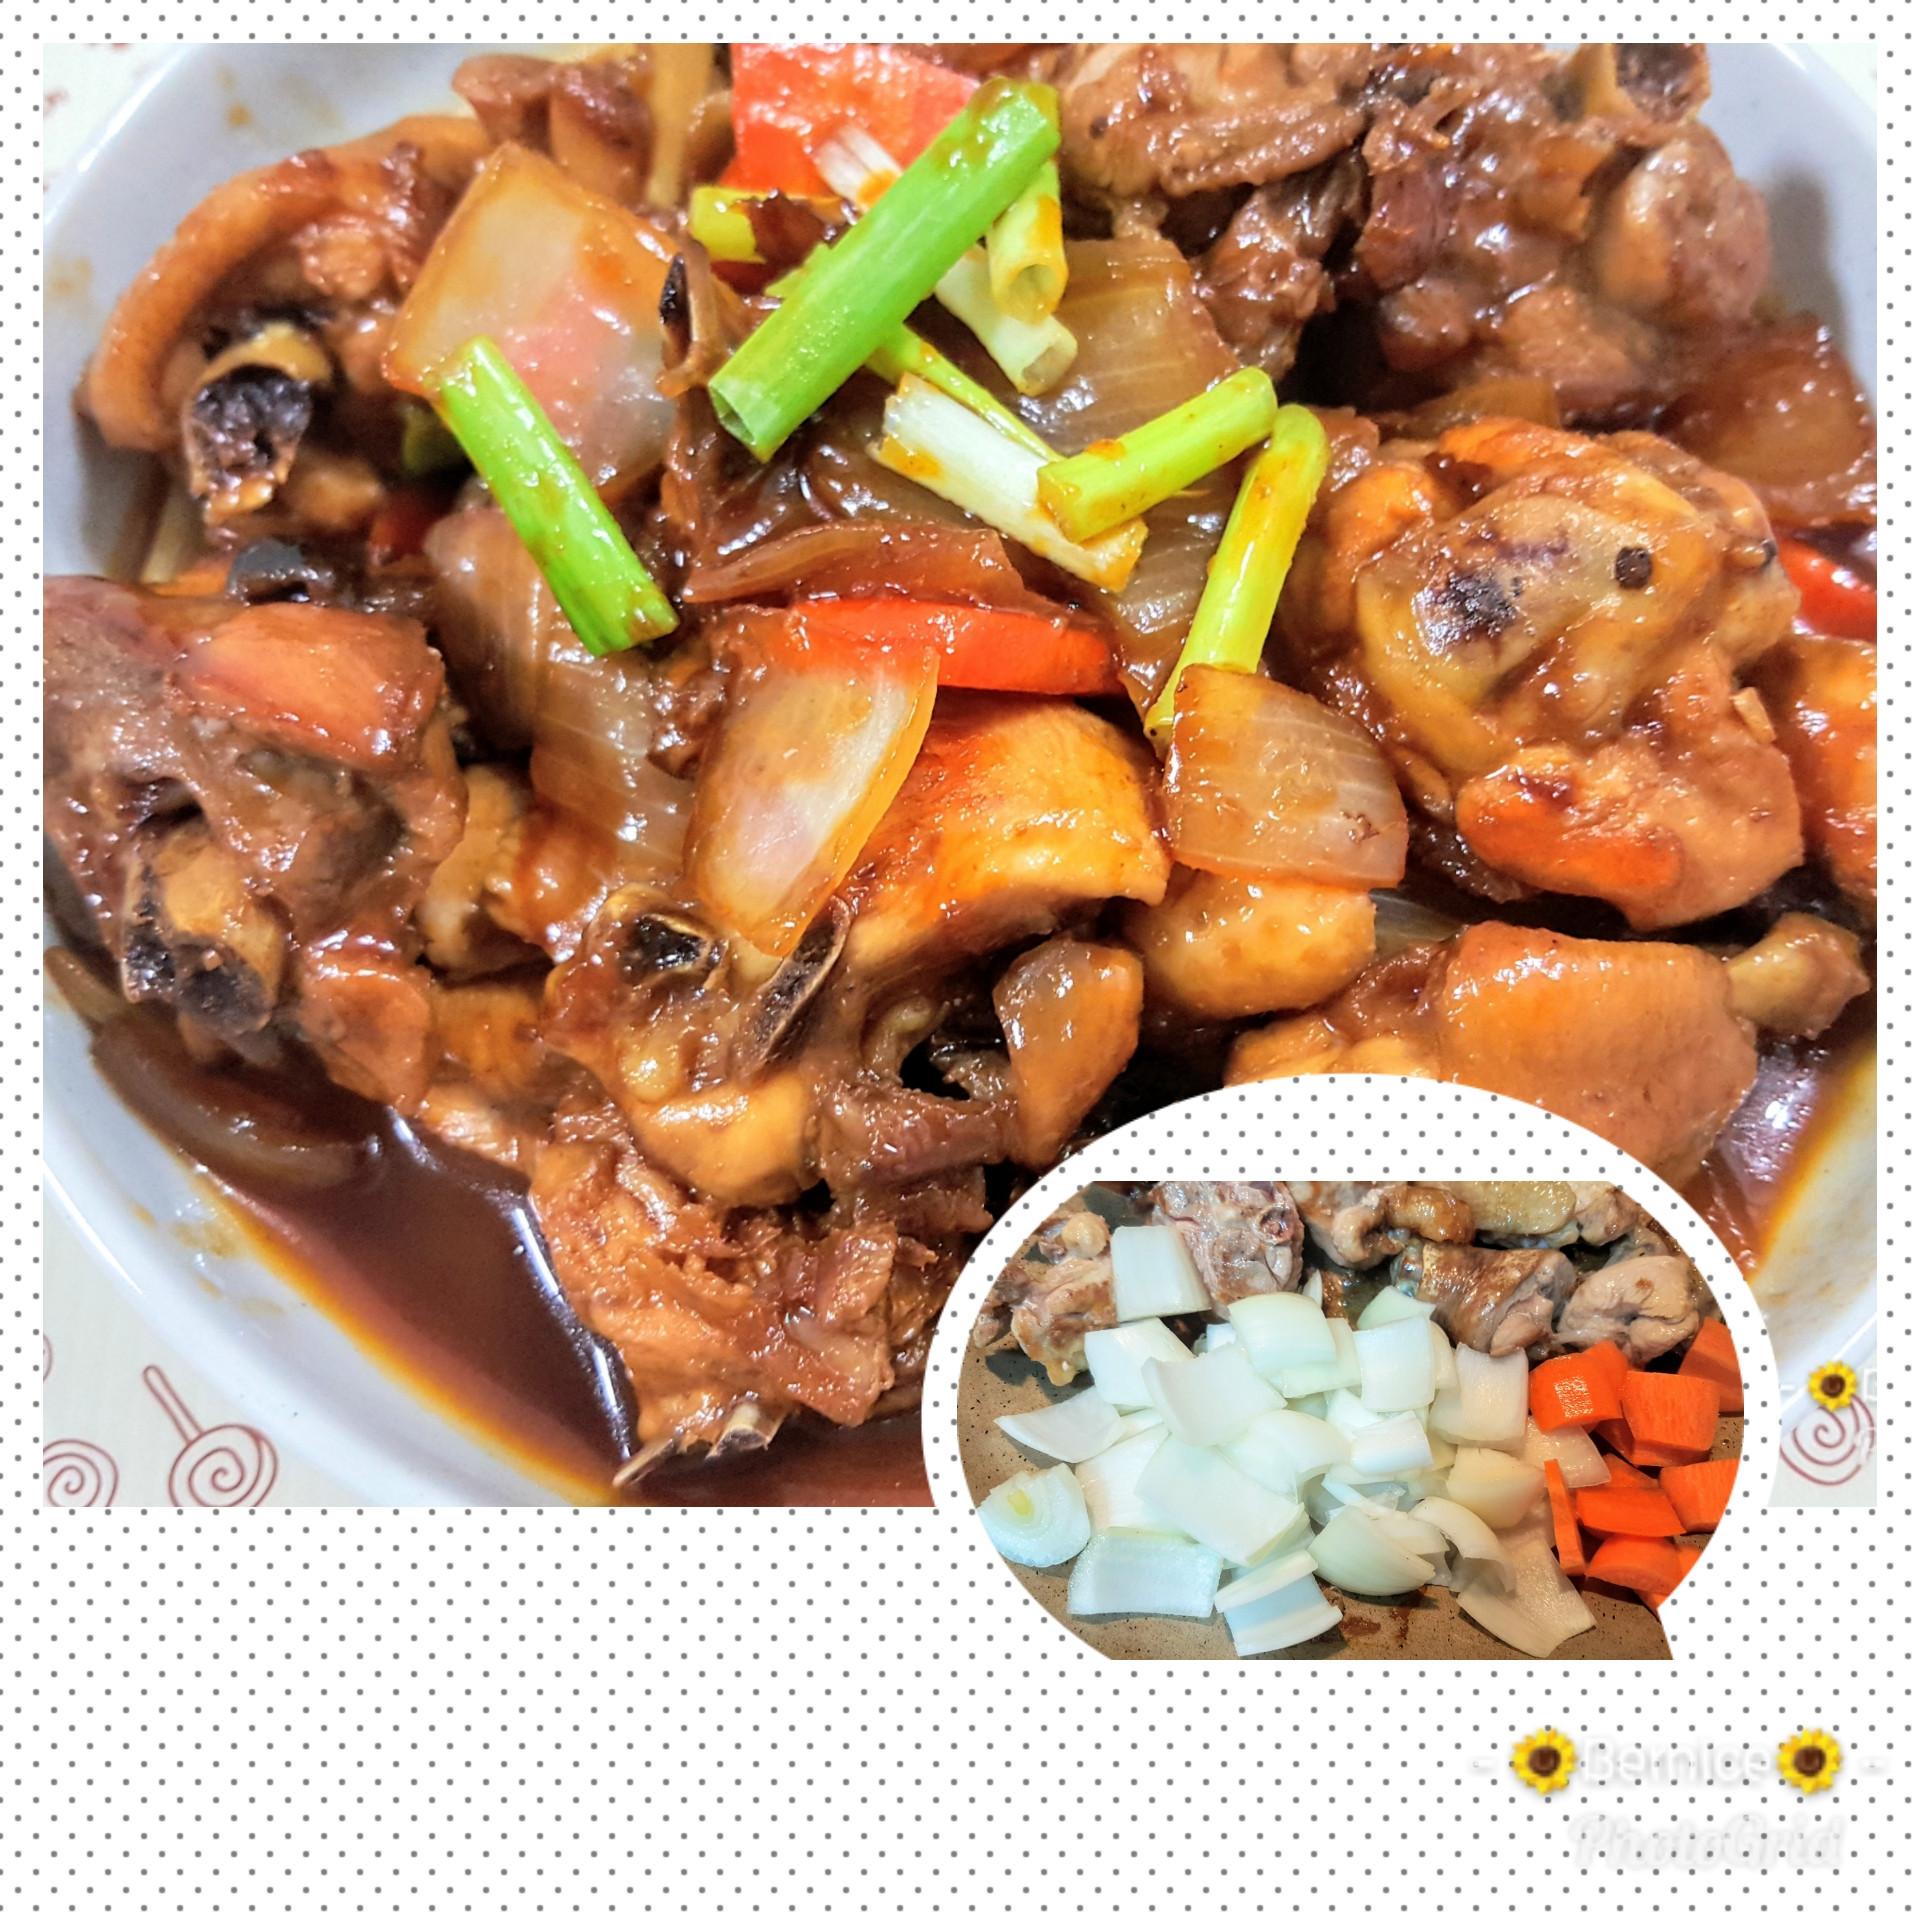 糖醋醬燒雞